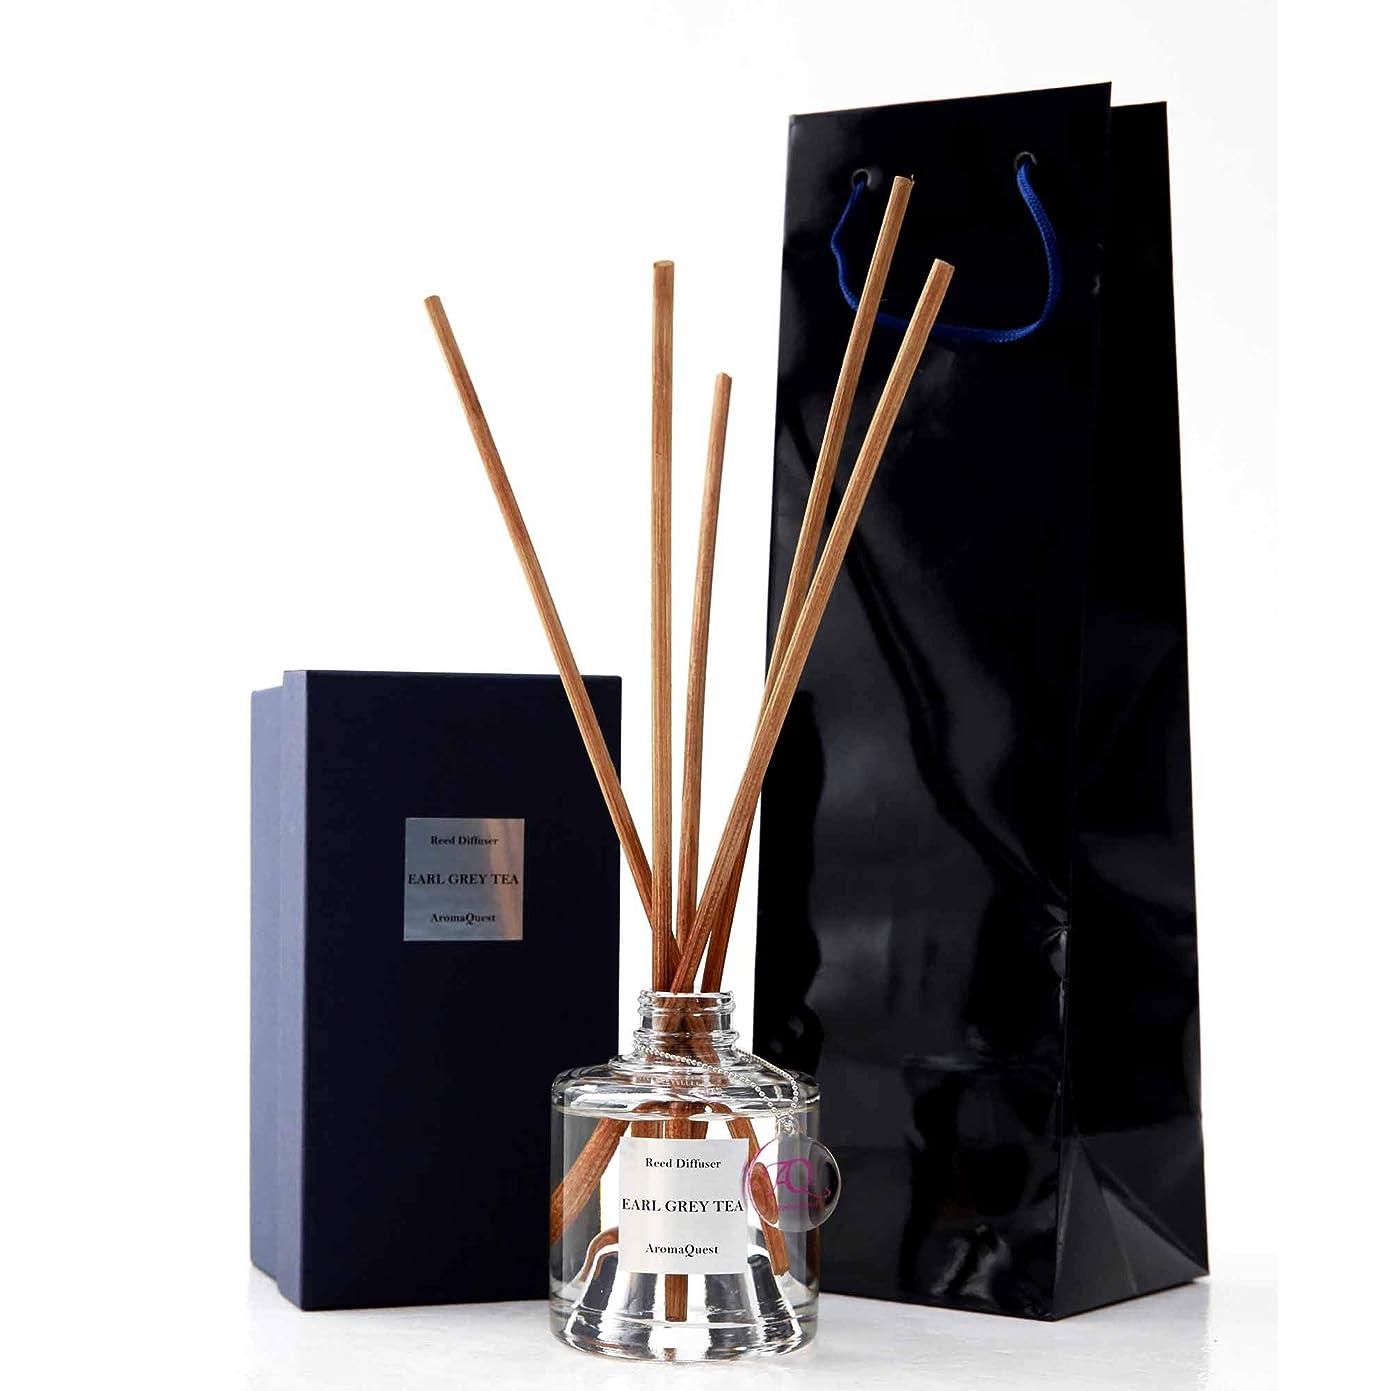 農学適切に干渉するルームフレグランス リードディフューザー アロマディフューザー 150ml アールグレイティー EARL GREY TEA 紅茶の香り